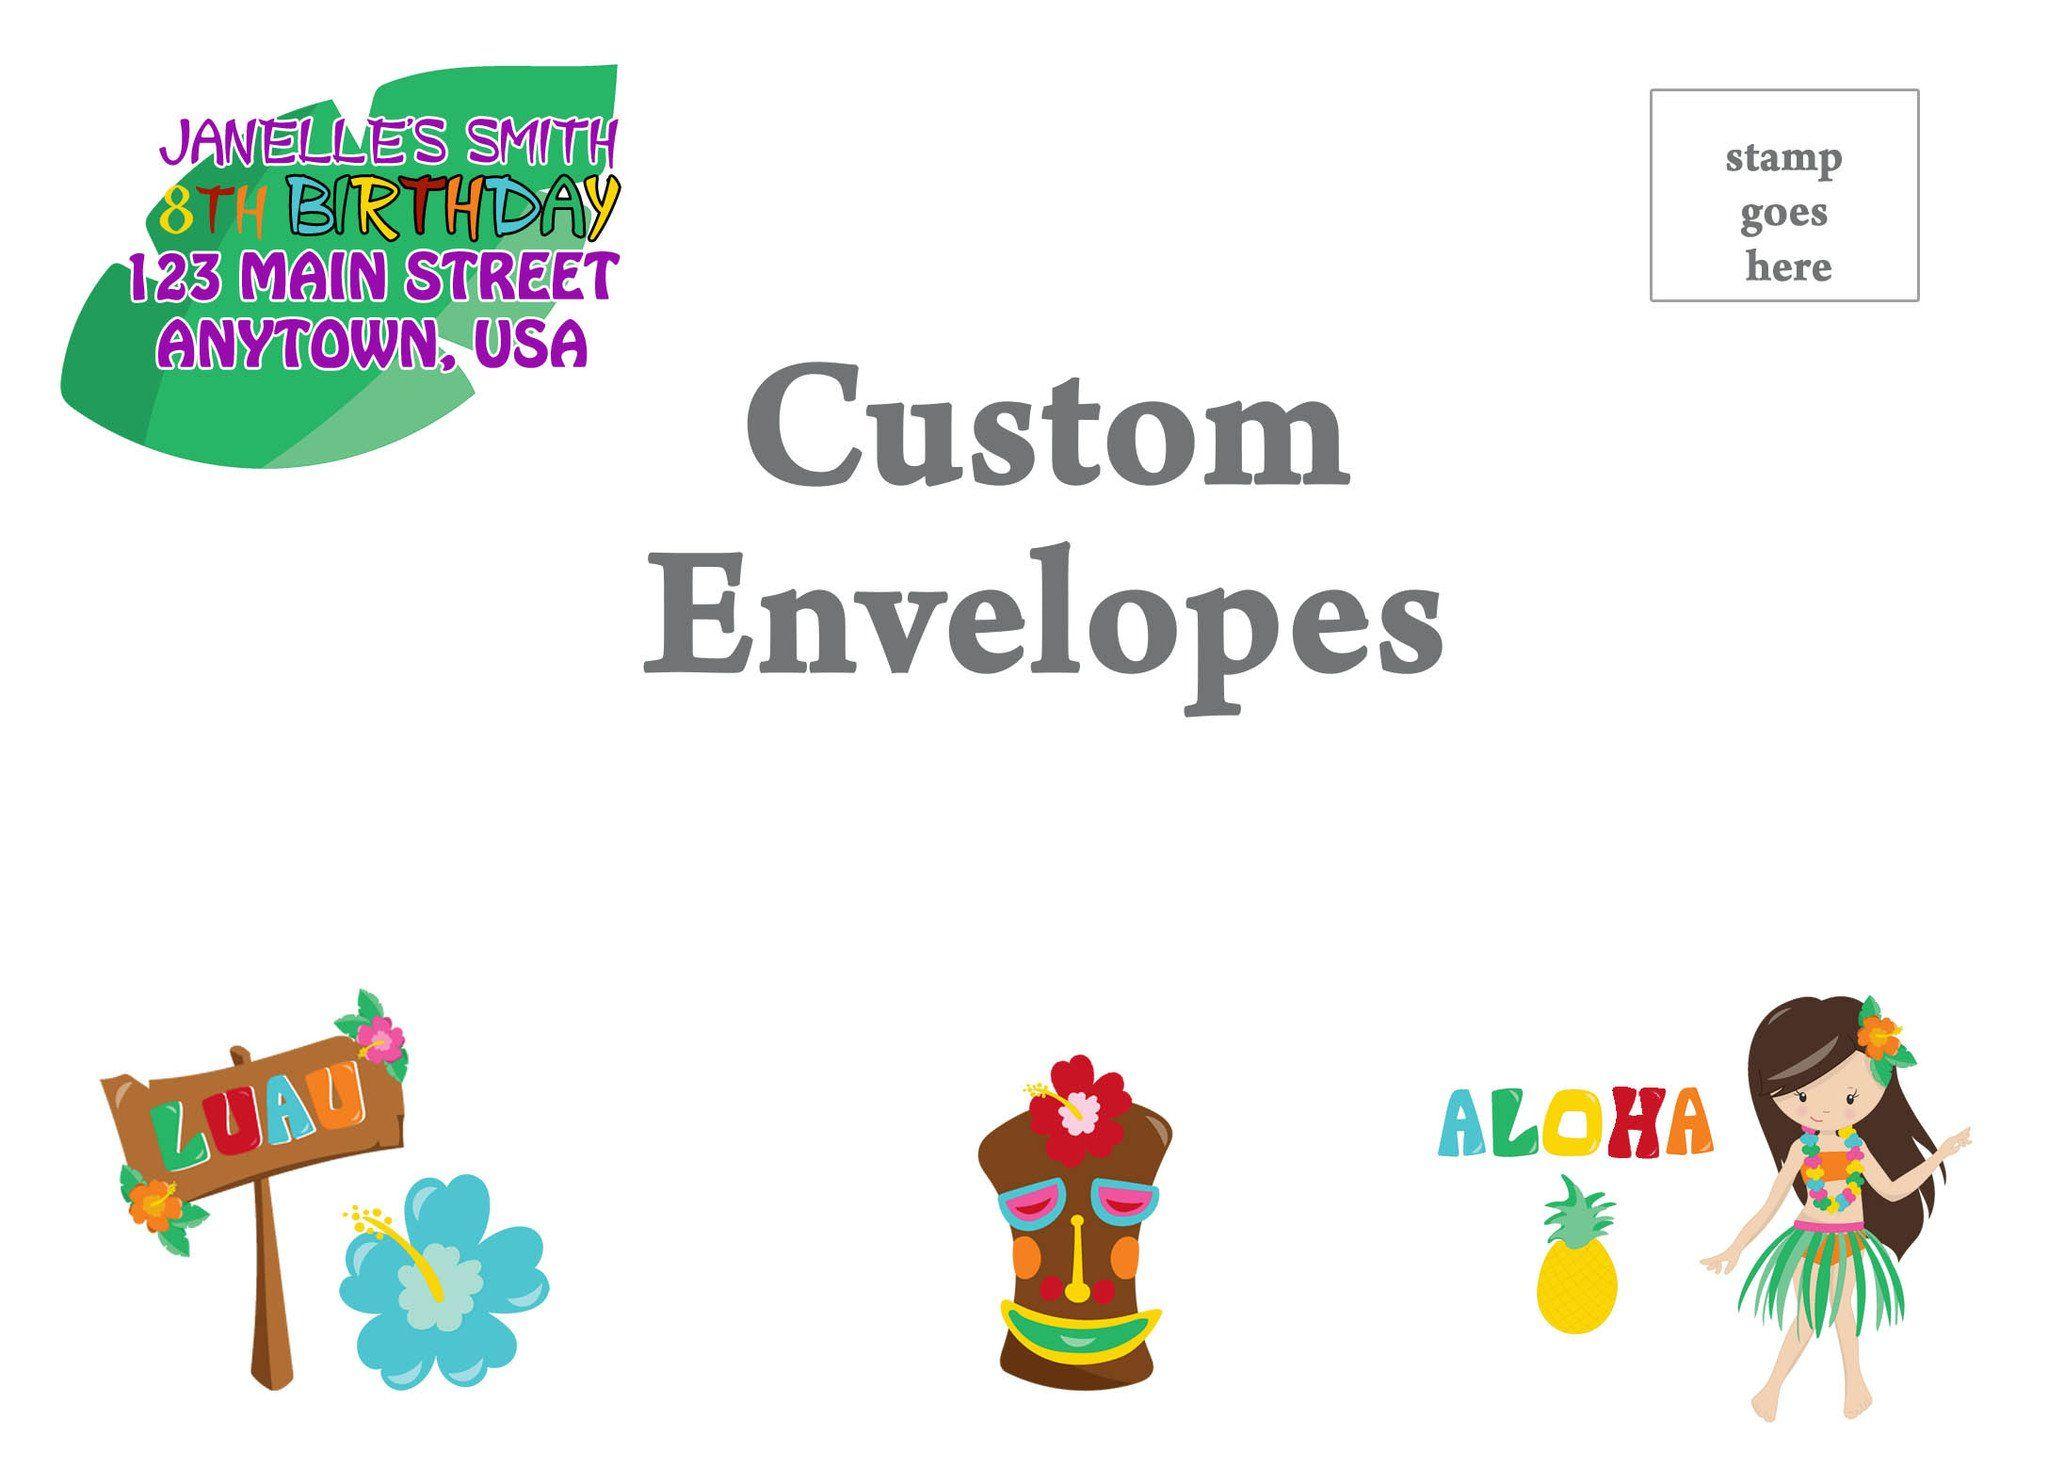 Luau Envelopes Custom printed envelopes, Custom